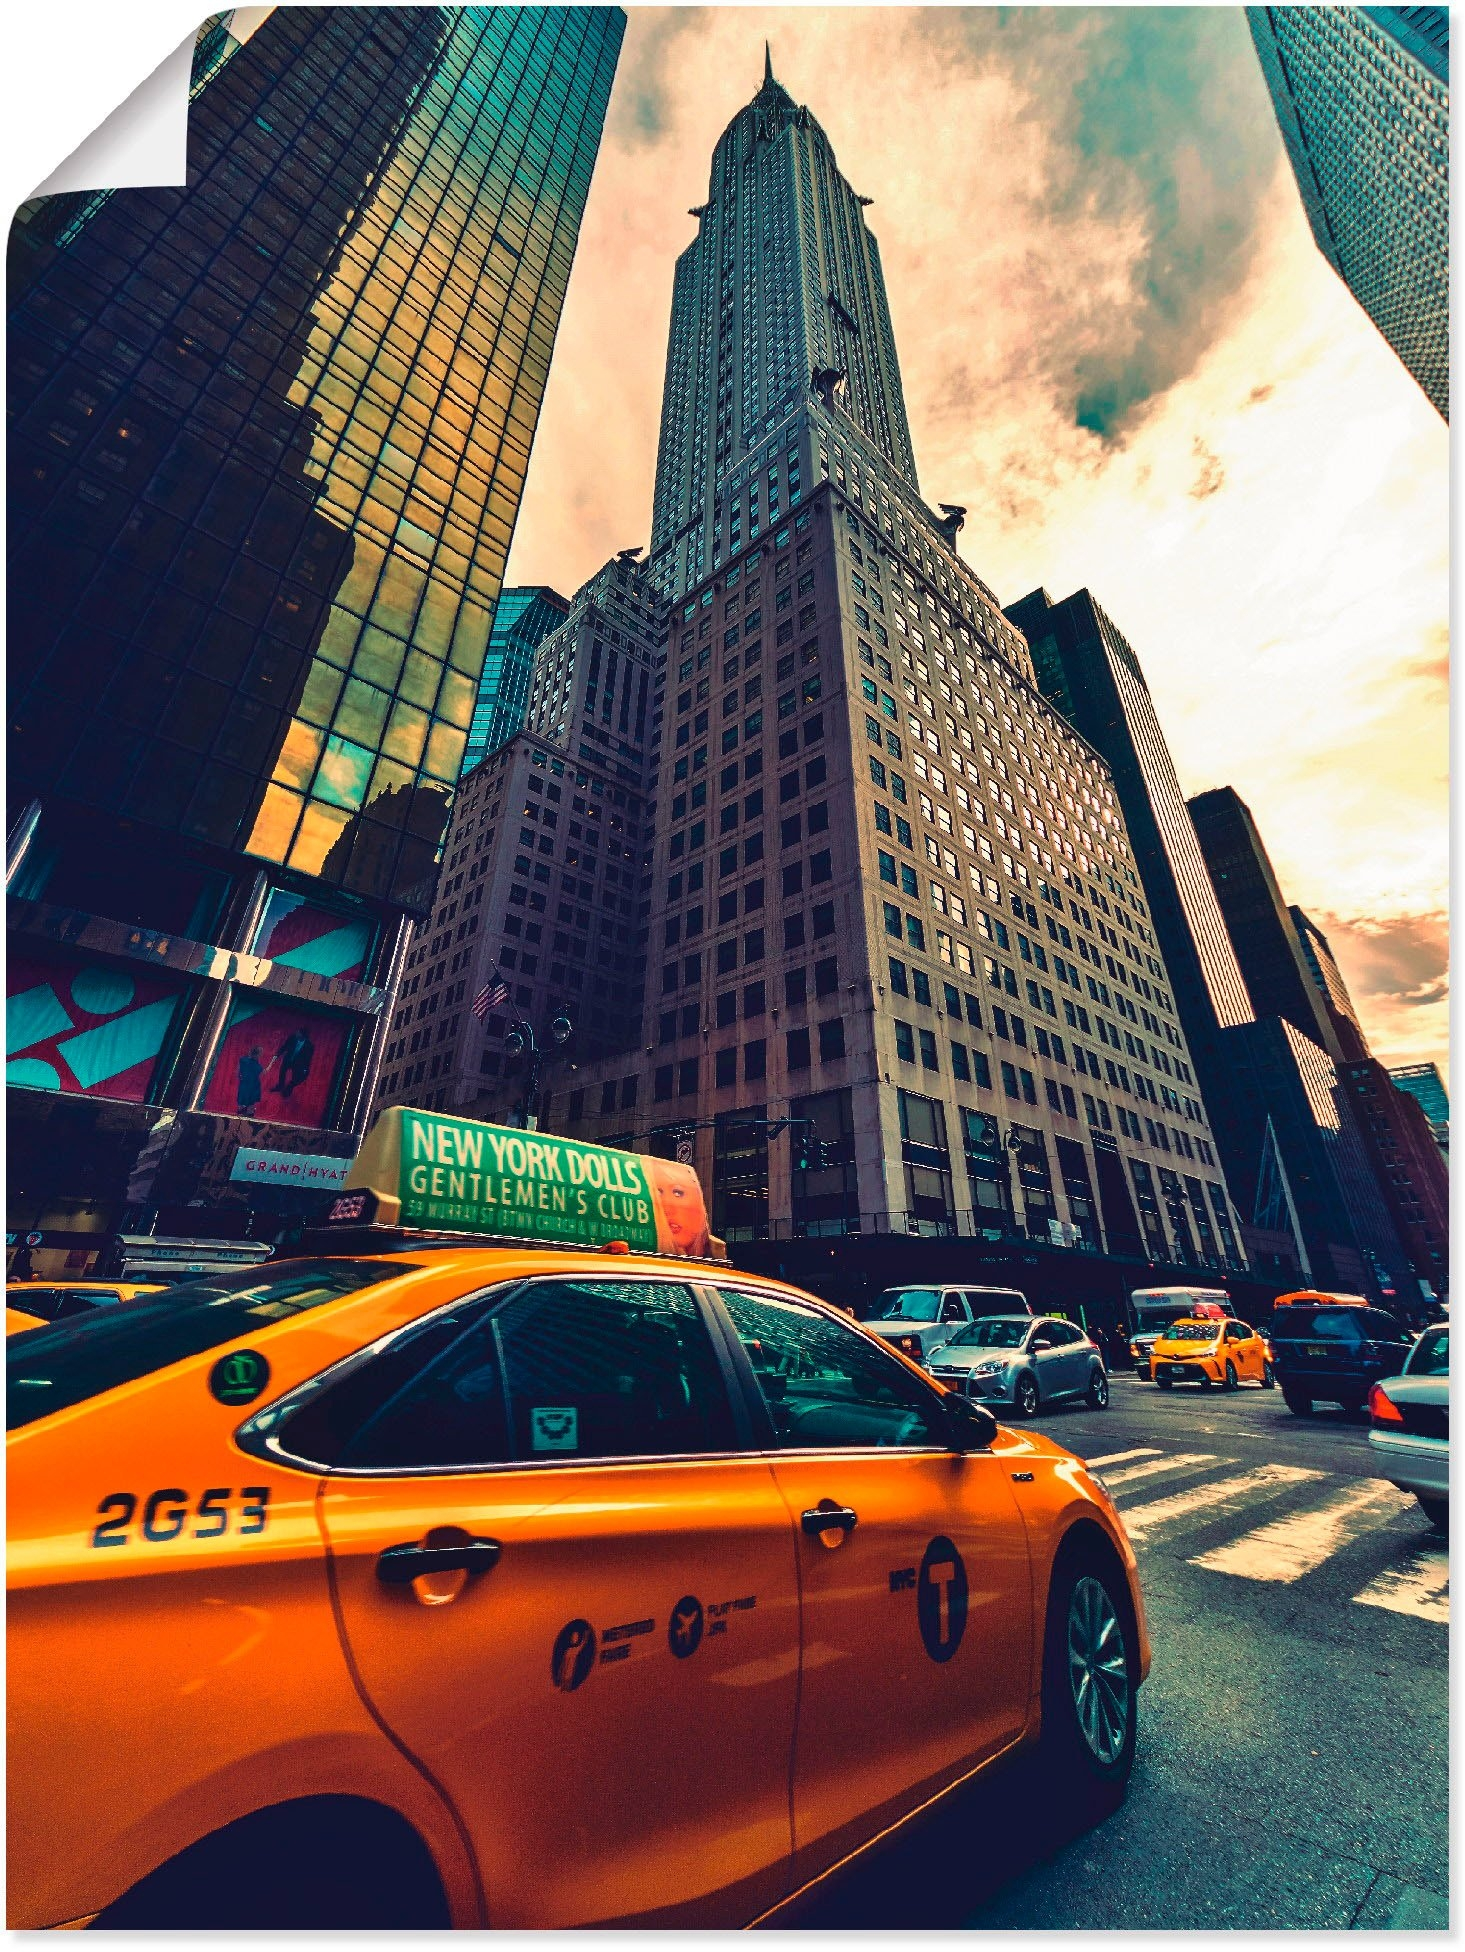 Artland artprint Taxi in New York in vele afmetingen & productsoorten -artprint op linnen, poster, muursticker / wandfolie ook geschikt voor de badkamer (1 stuk) bij OTTO online kopen